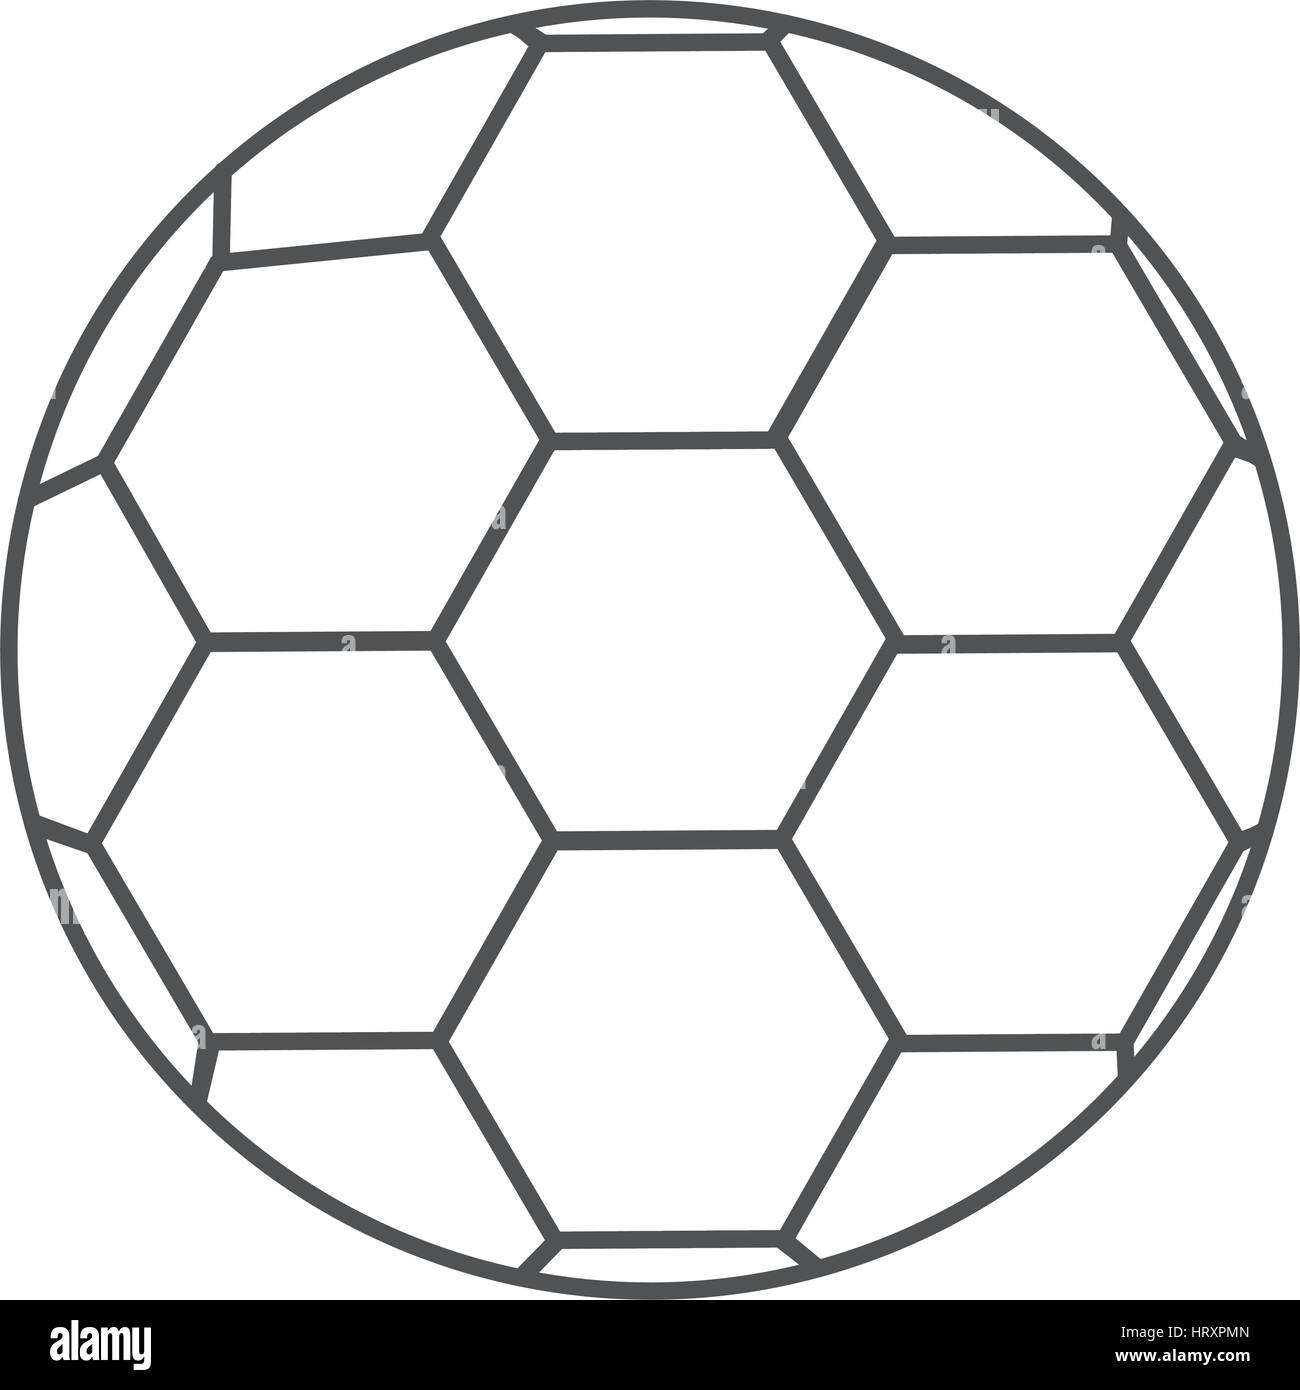 Graustufen-Kontur mit Fußball Stockbild